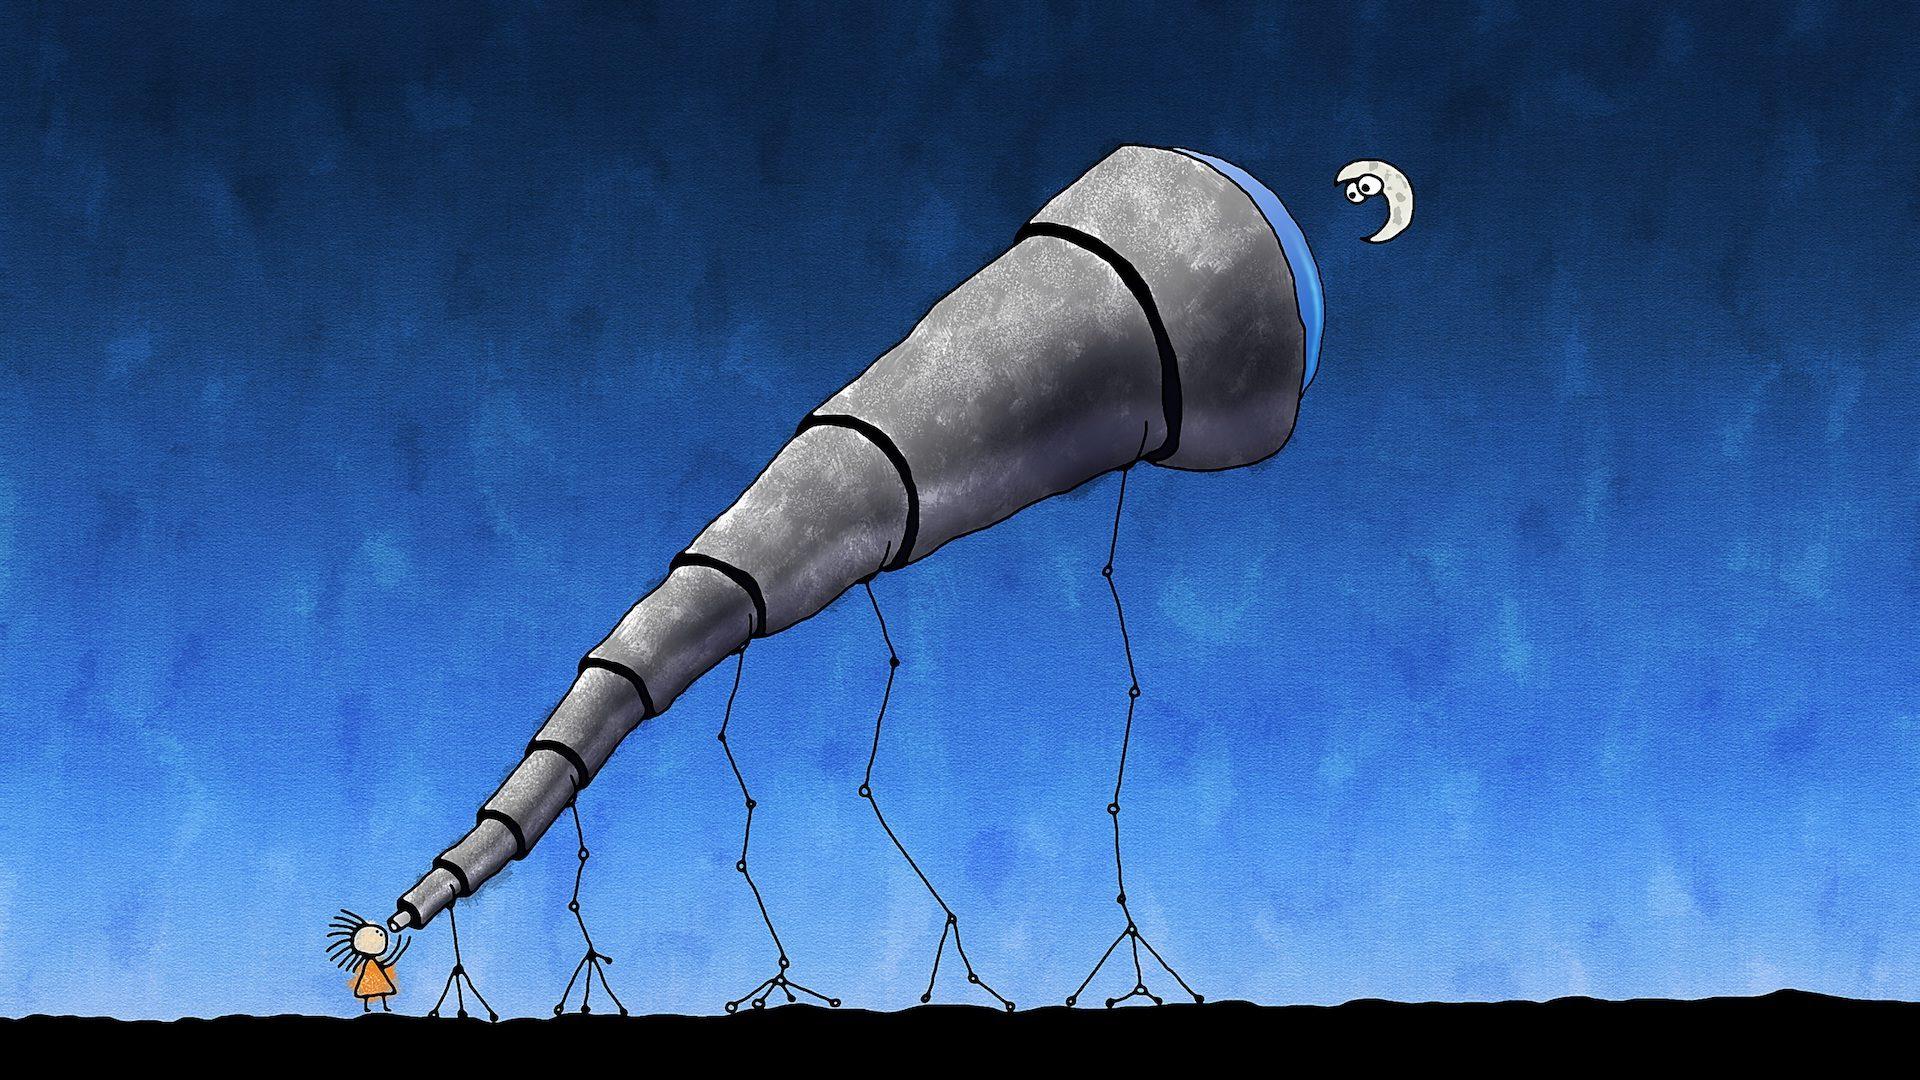 تلسكوب, دمية, القمر, الرسم, ليلة - خلفيات عالية الدقة - أستاذ falken.com